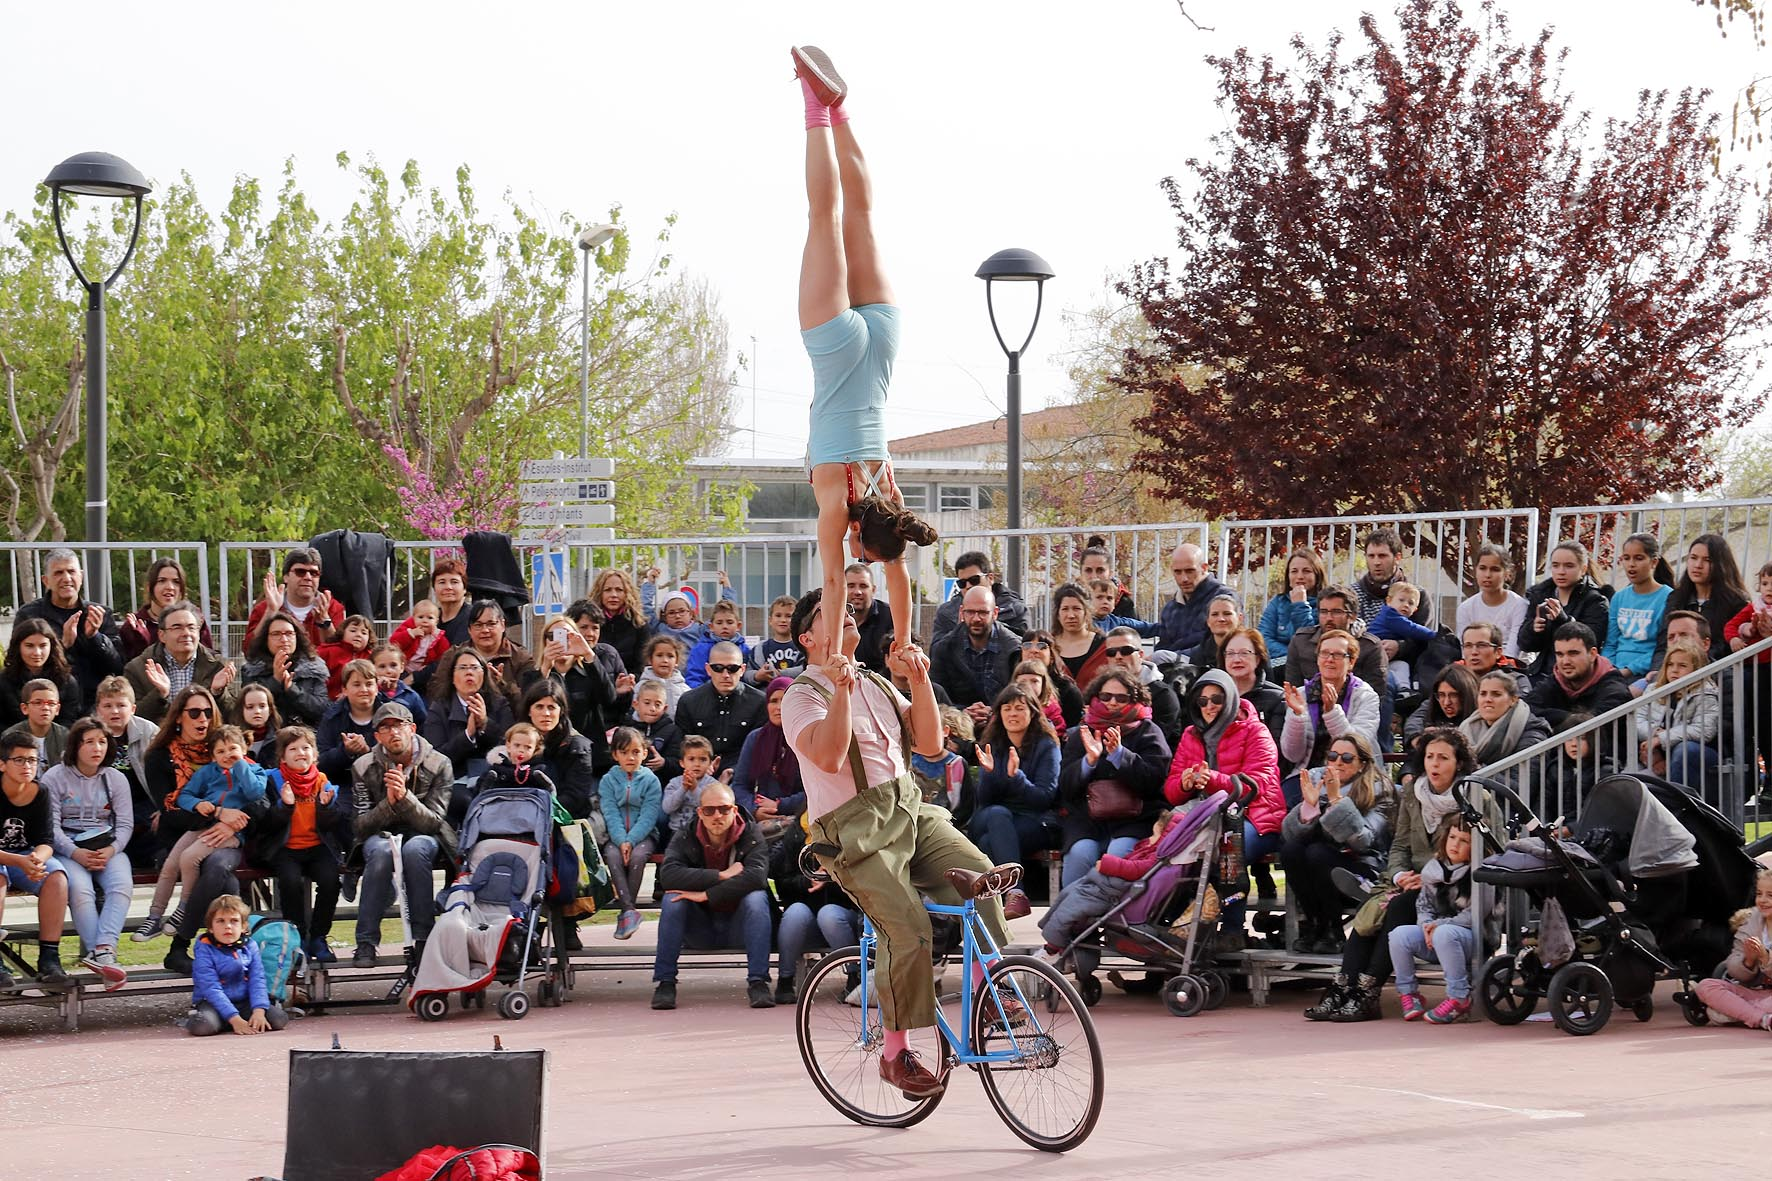 Primaverart 2019 – Mostra d'arts escèniques al carrer (El Morell)